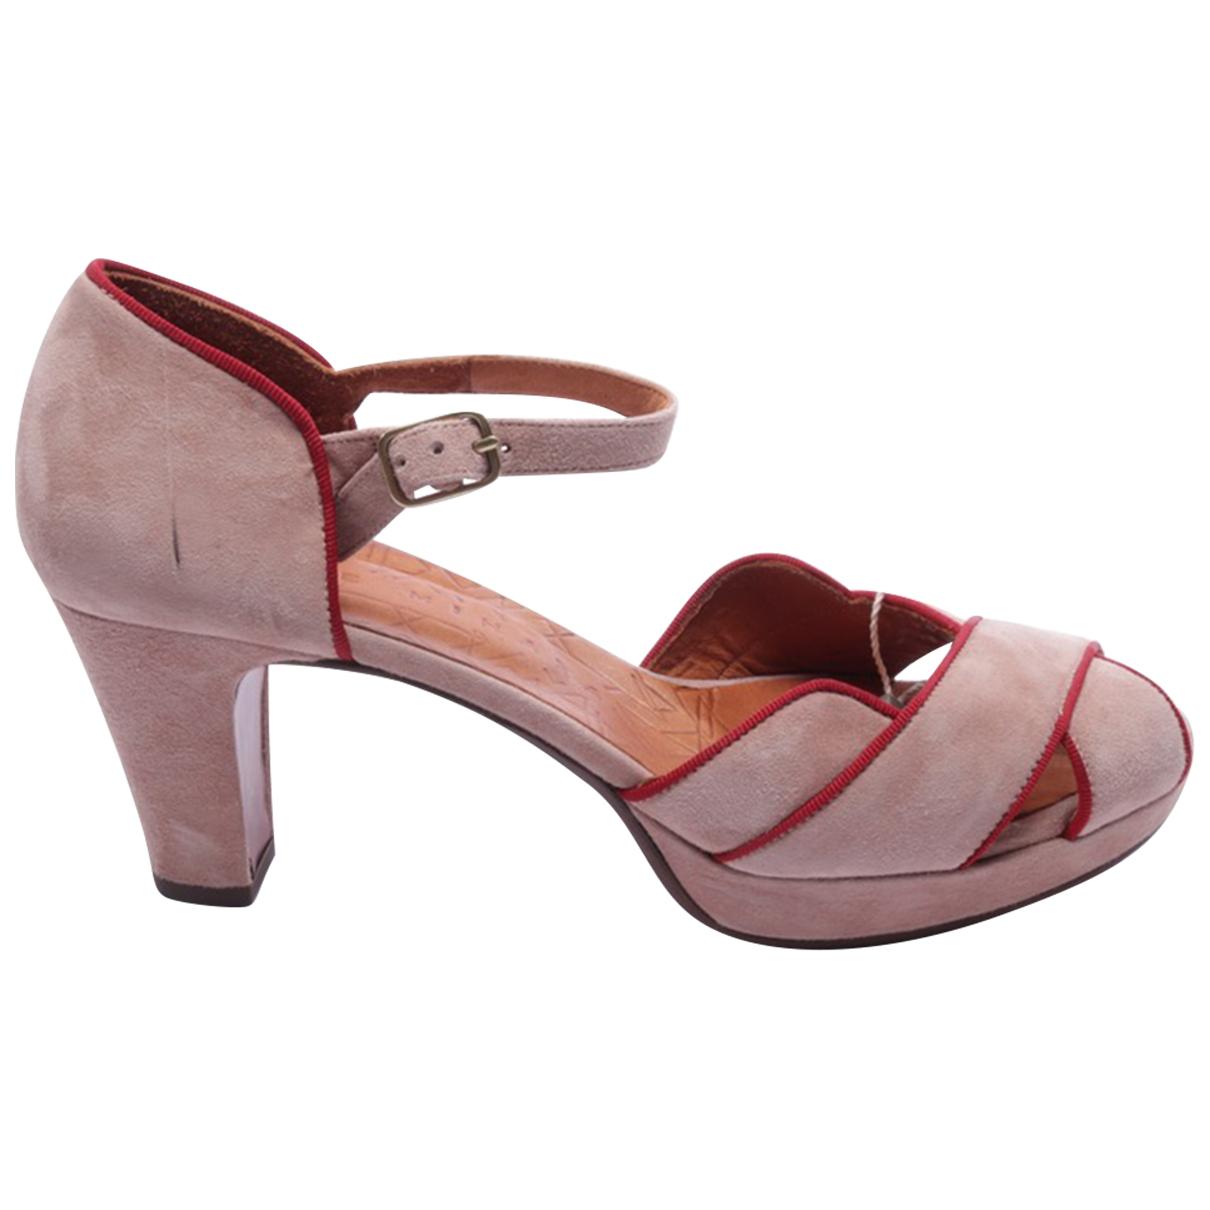 Chie Mihara \N Sandalen in  Beige Leder